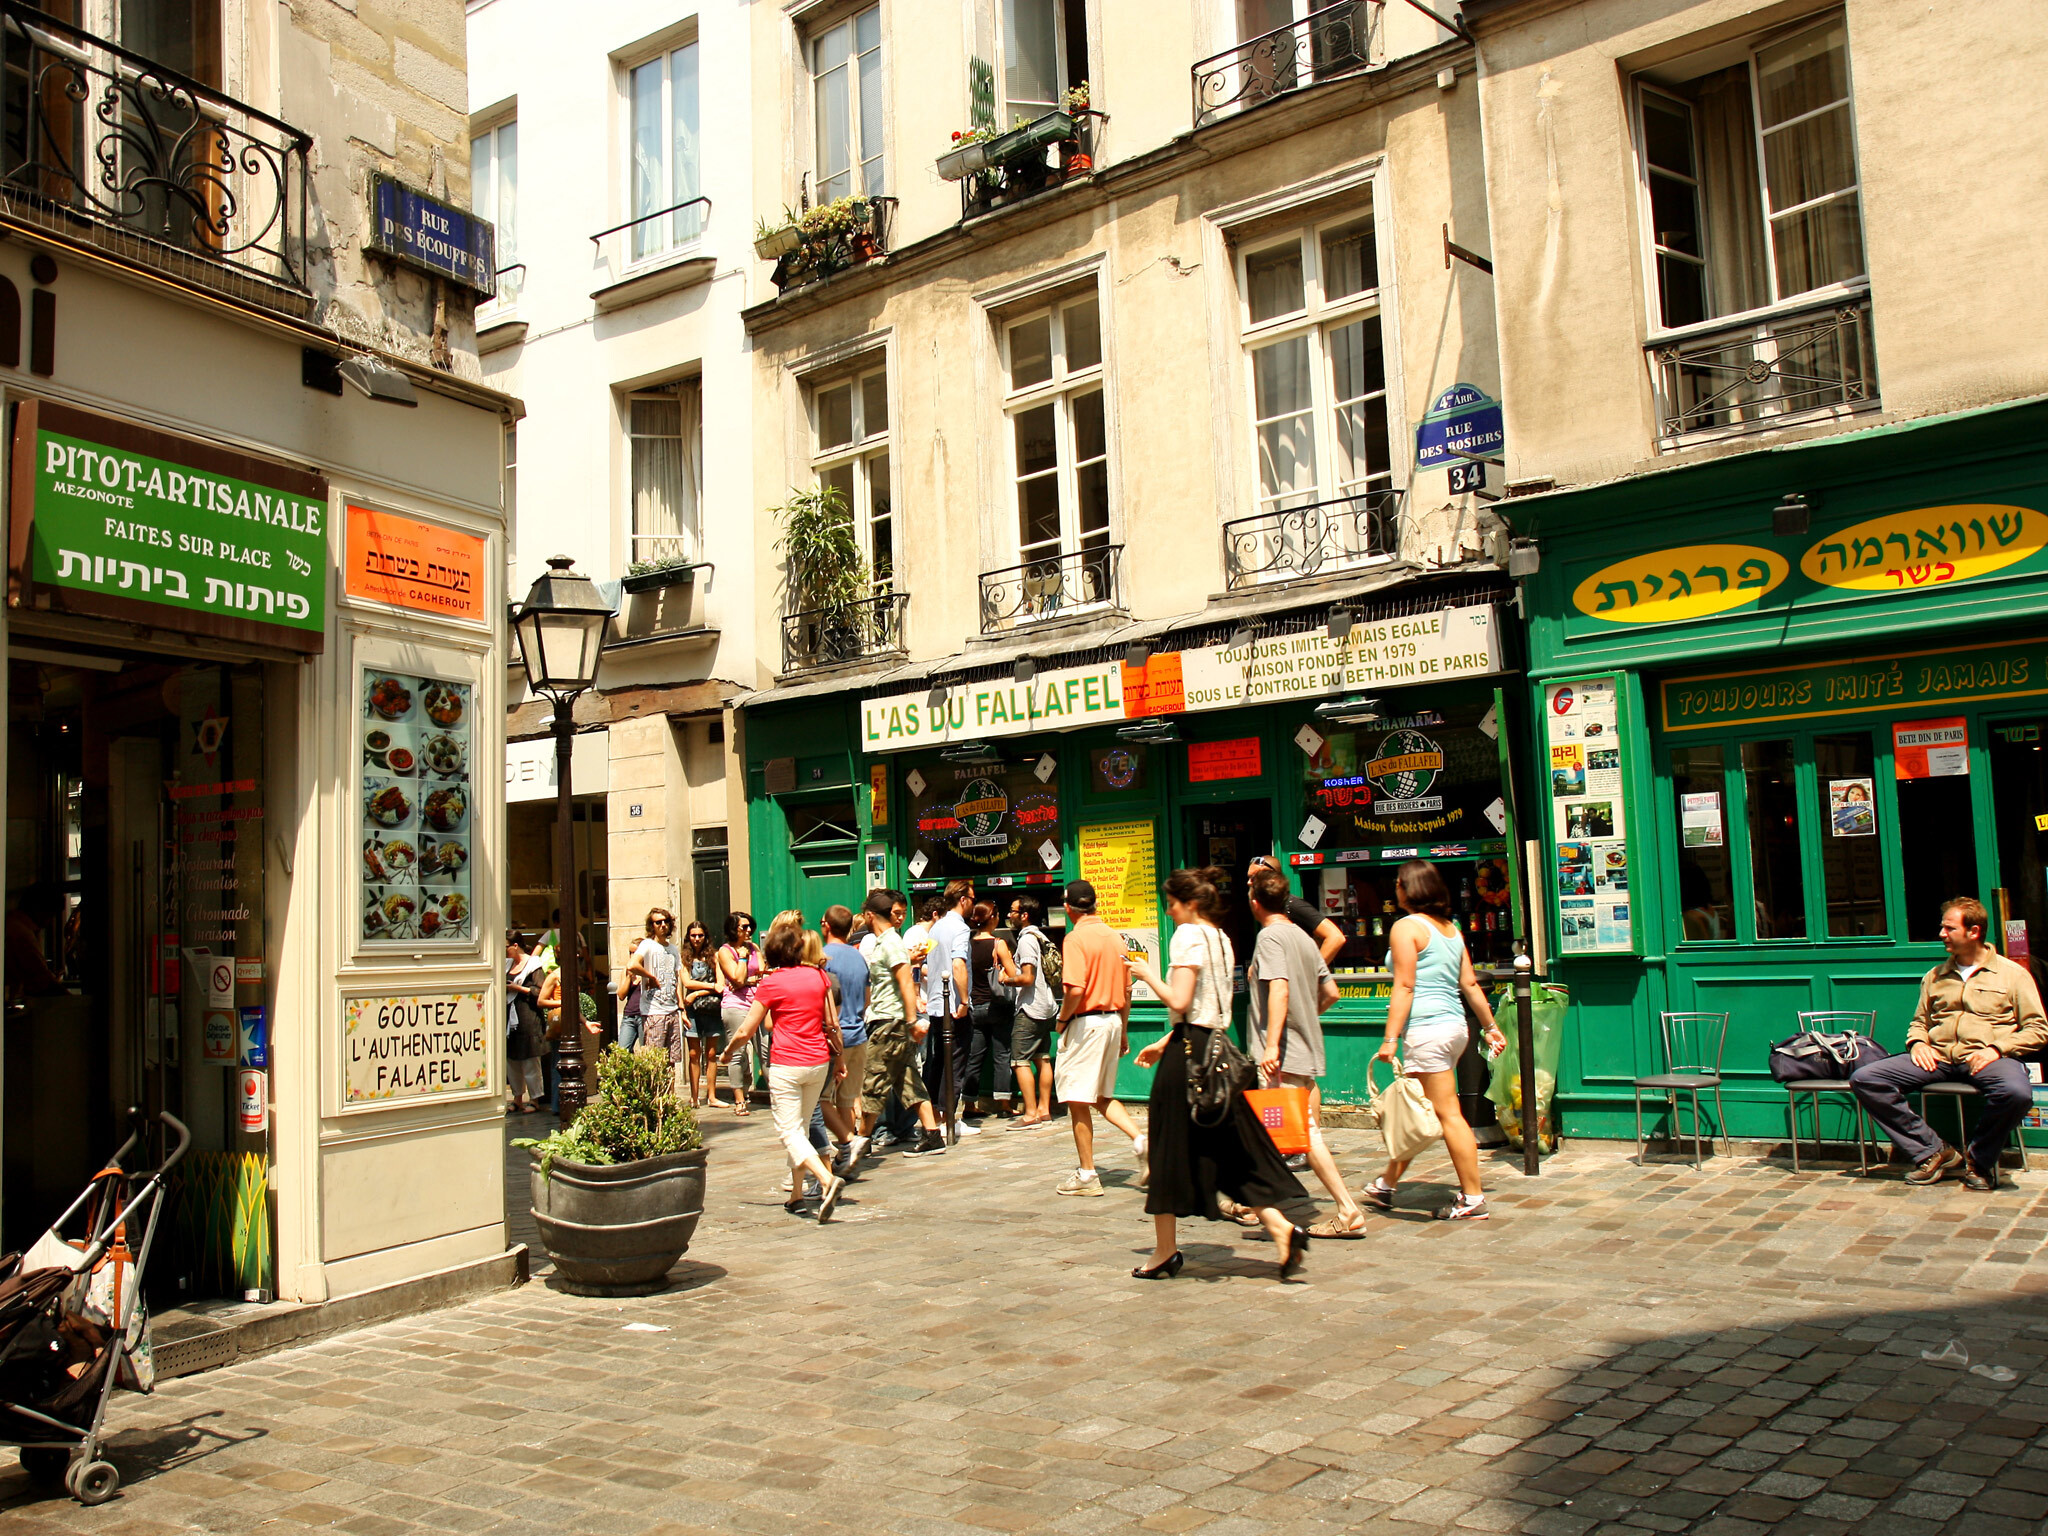 Outside the legendary As du Fallafel in the Marais in Paris